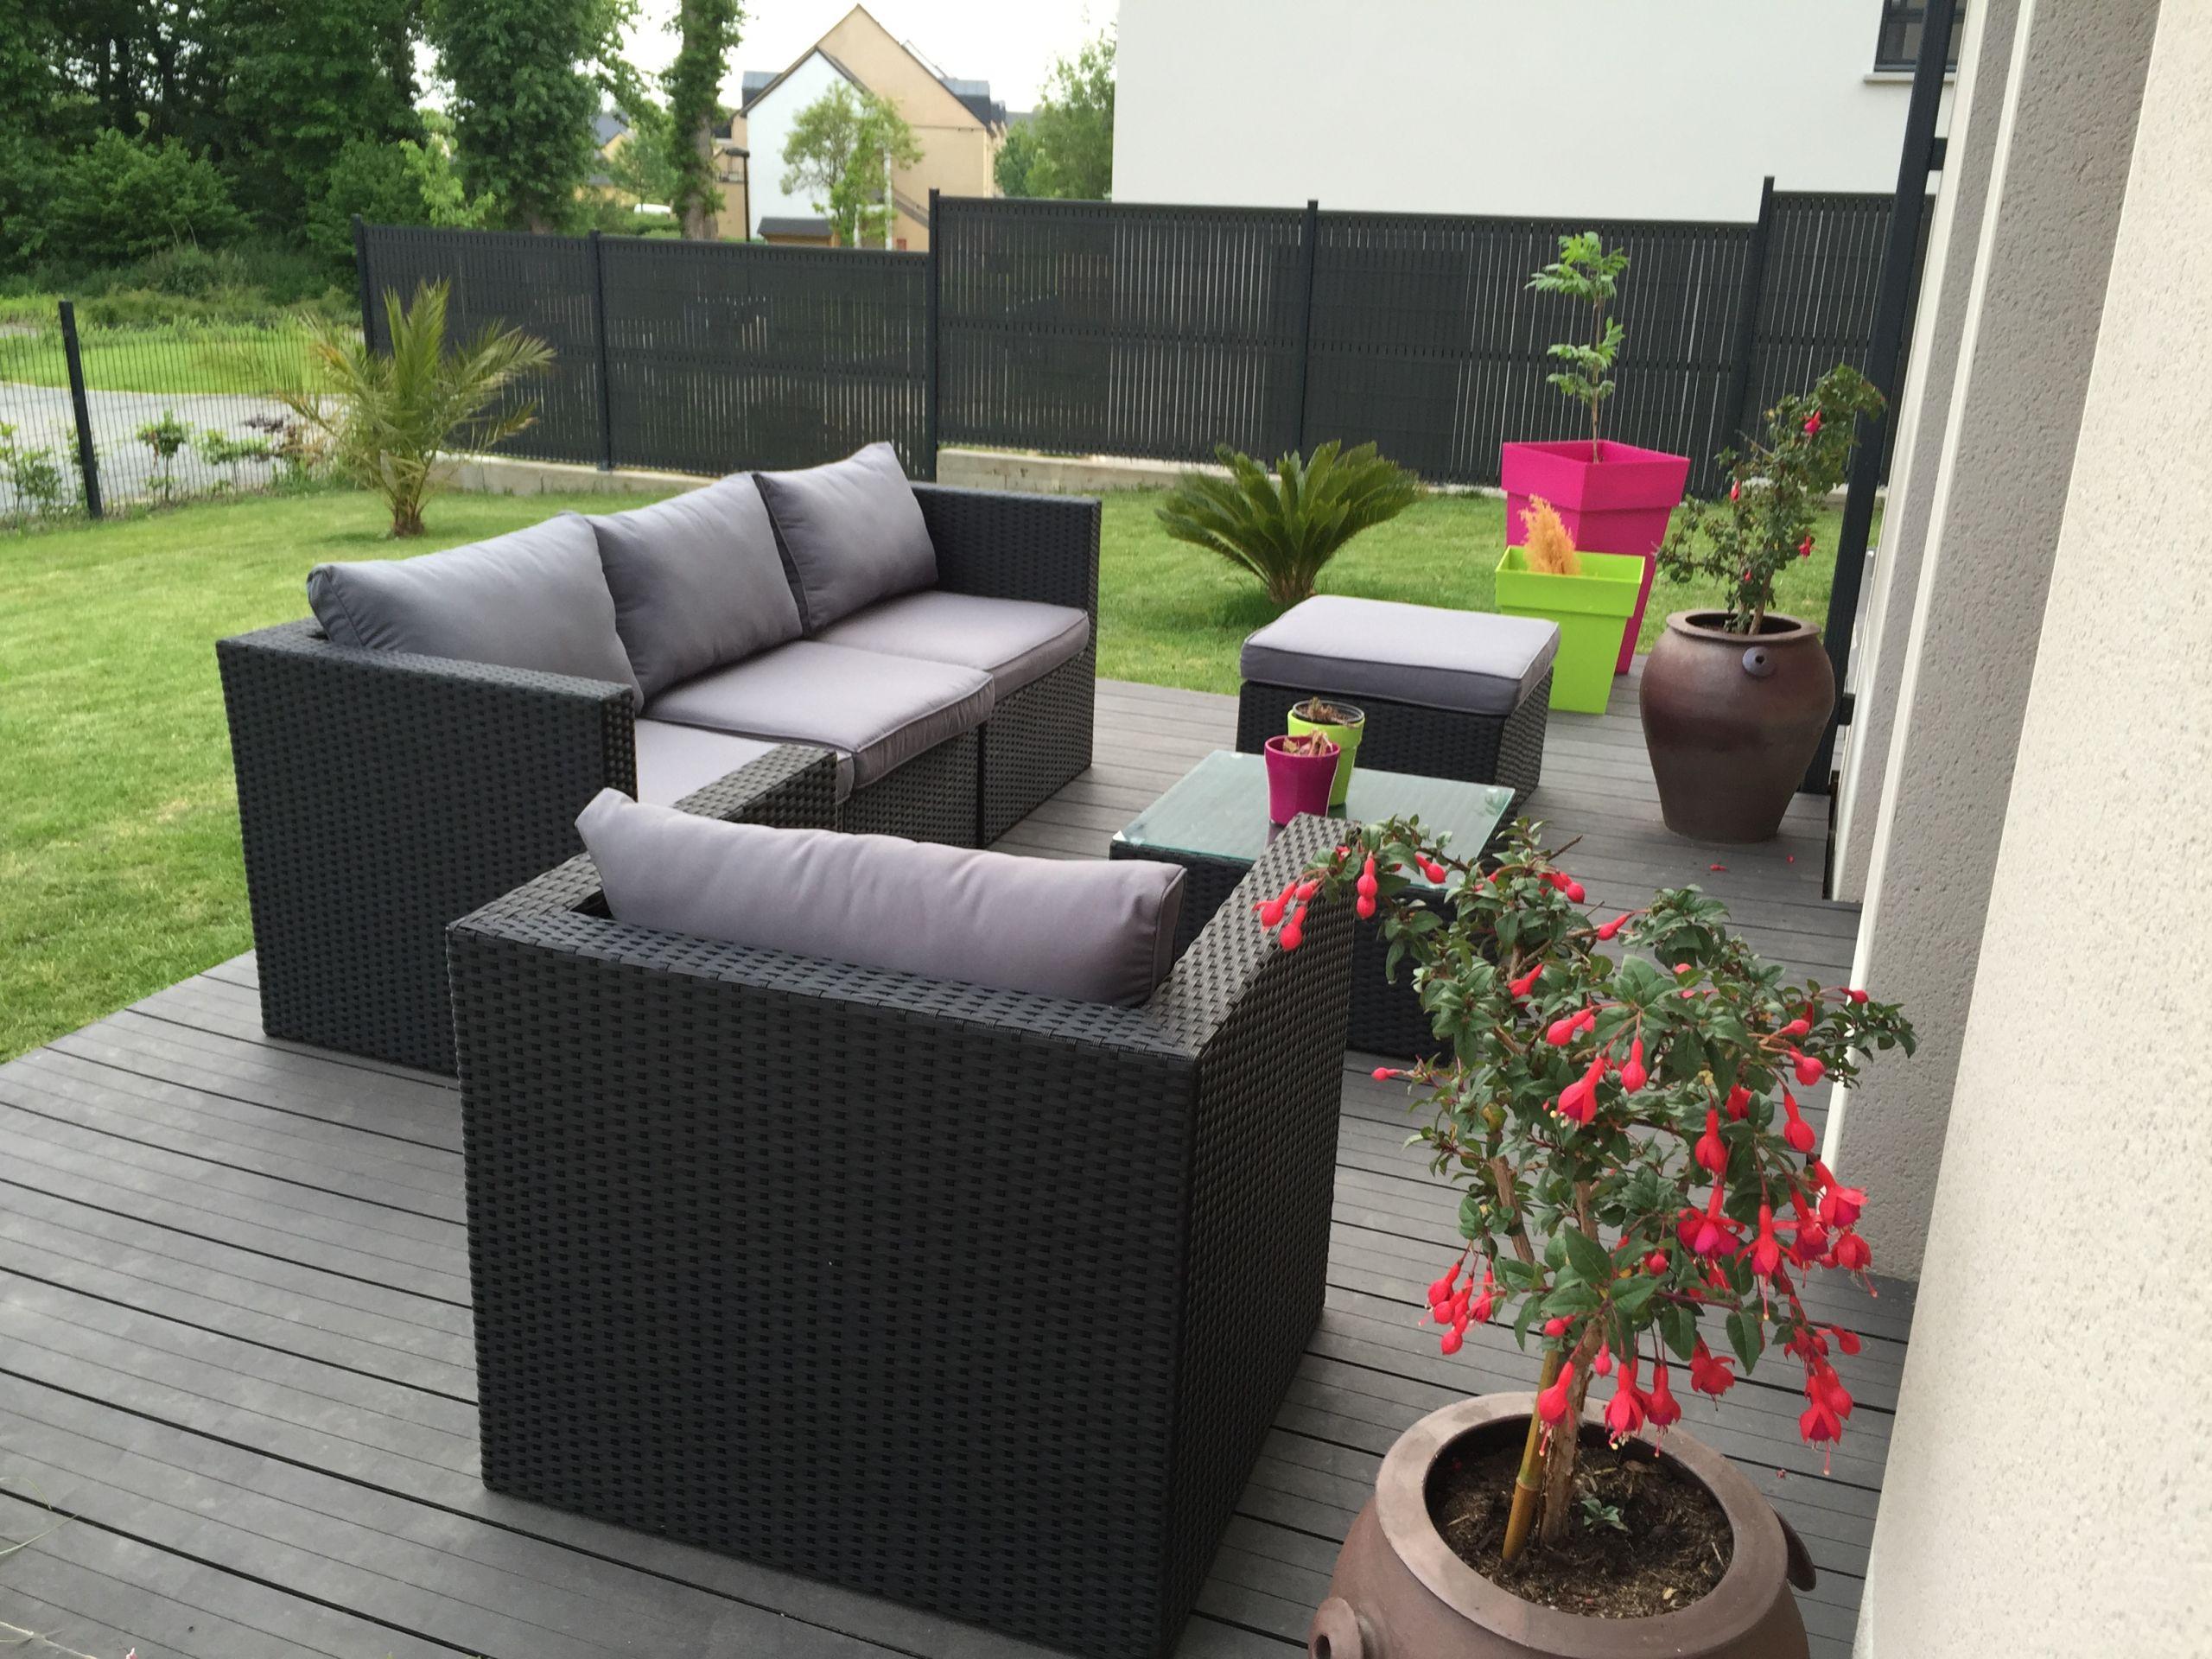 Table De Jardin Resine Luxe Dalle Terrasse Ikea | Salon Jardin intérieur Ikea Mobilier De Jardin